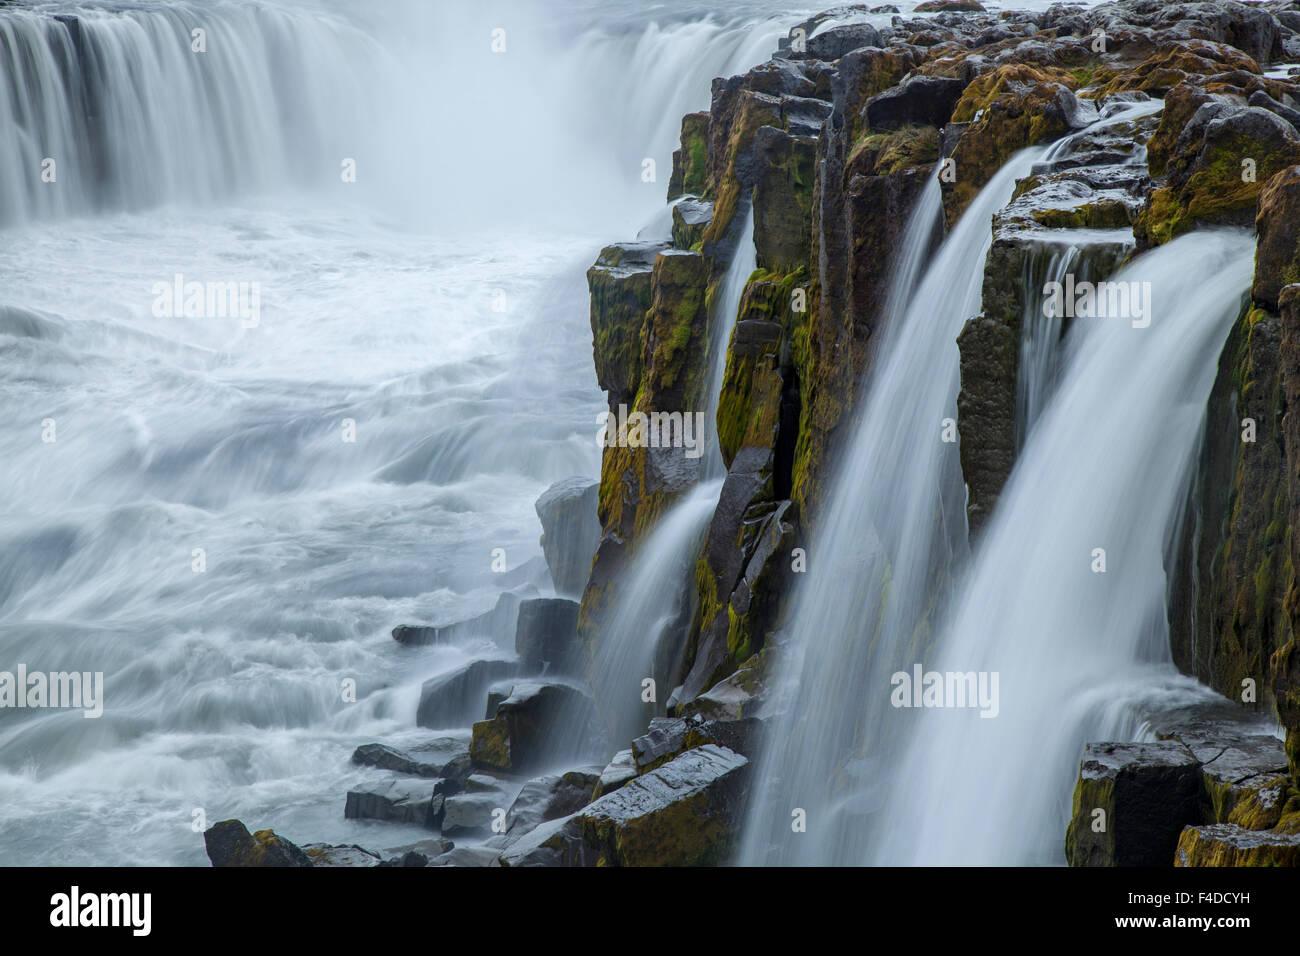 Les falaises et cascades de cascade Godafoss, Nordhurland Eystra, Islande. Photo Stock